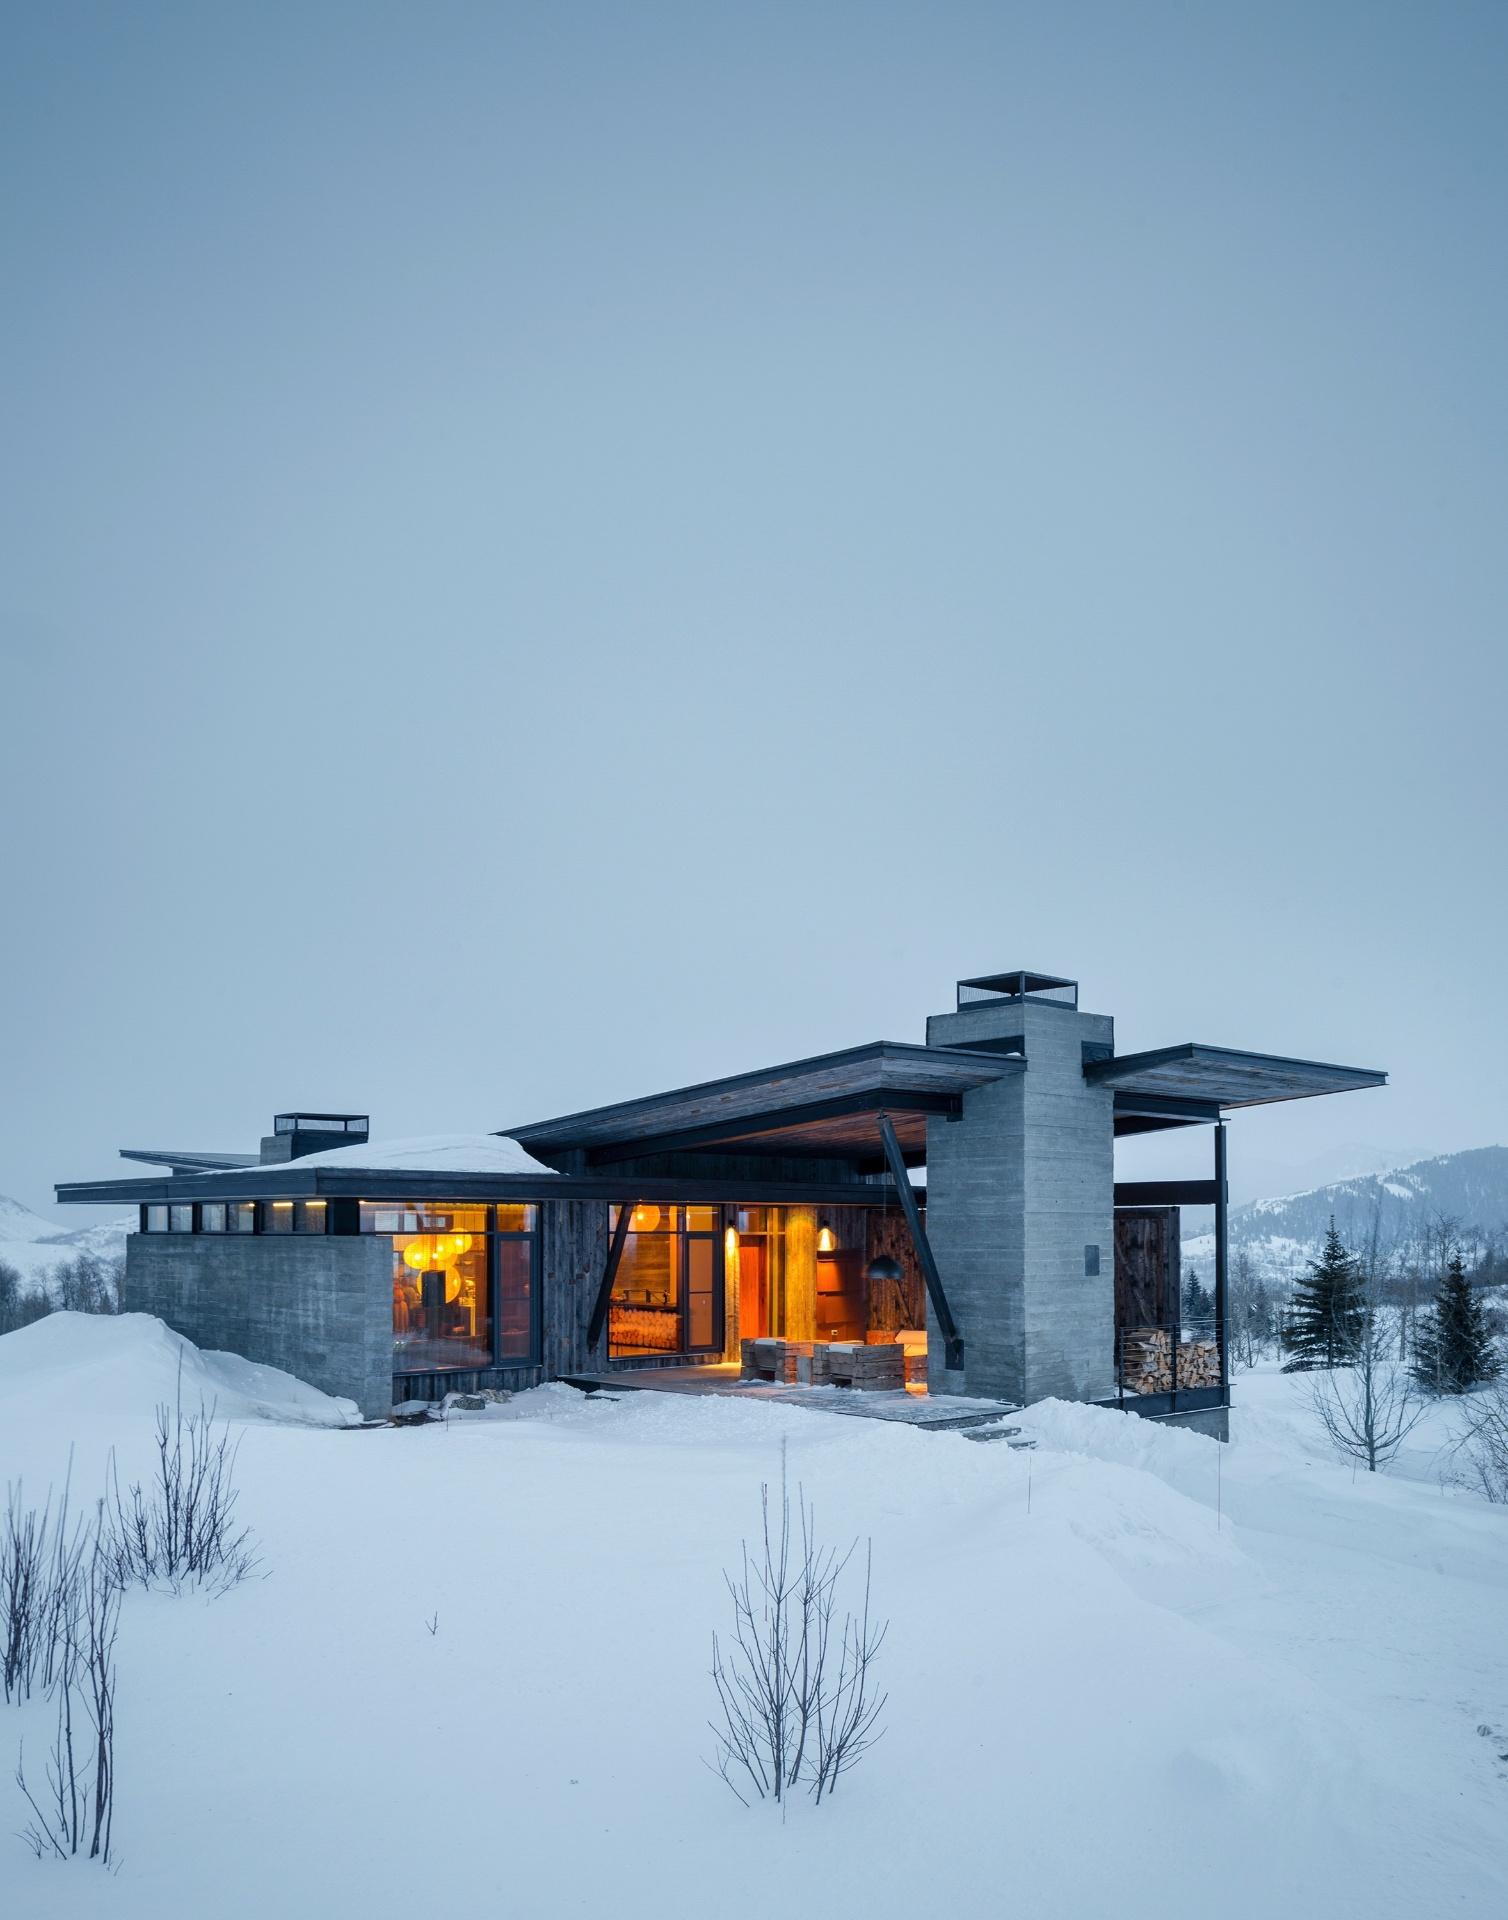 A casa também integra de maneira harmoniosa e bela a paisagem do vale Jackson Hole, nos EUA (Imagem do NYT, usar apenas no respectivo material)